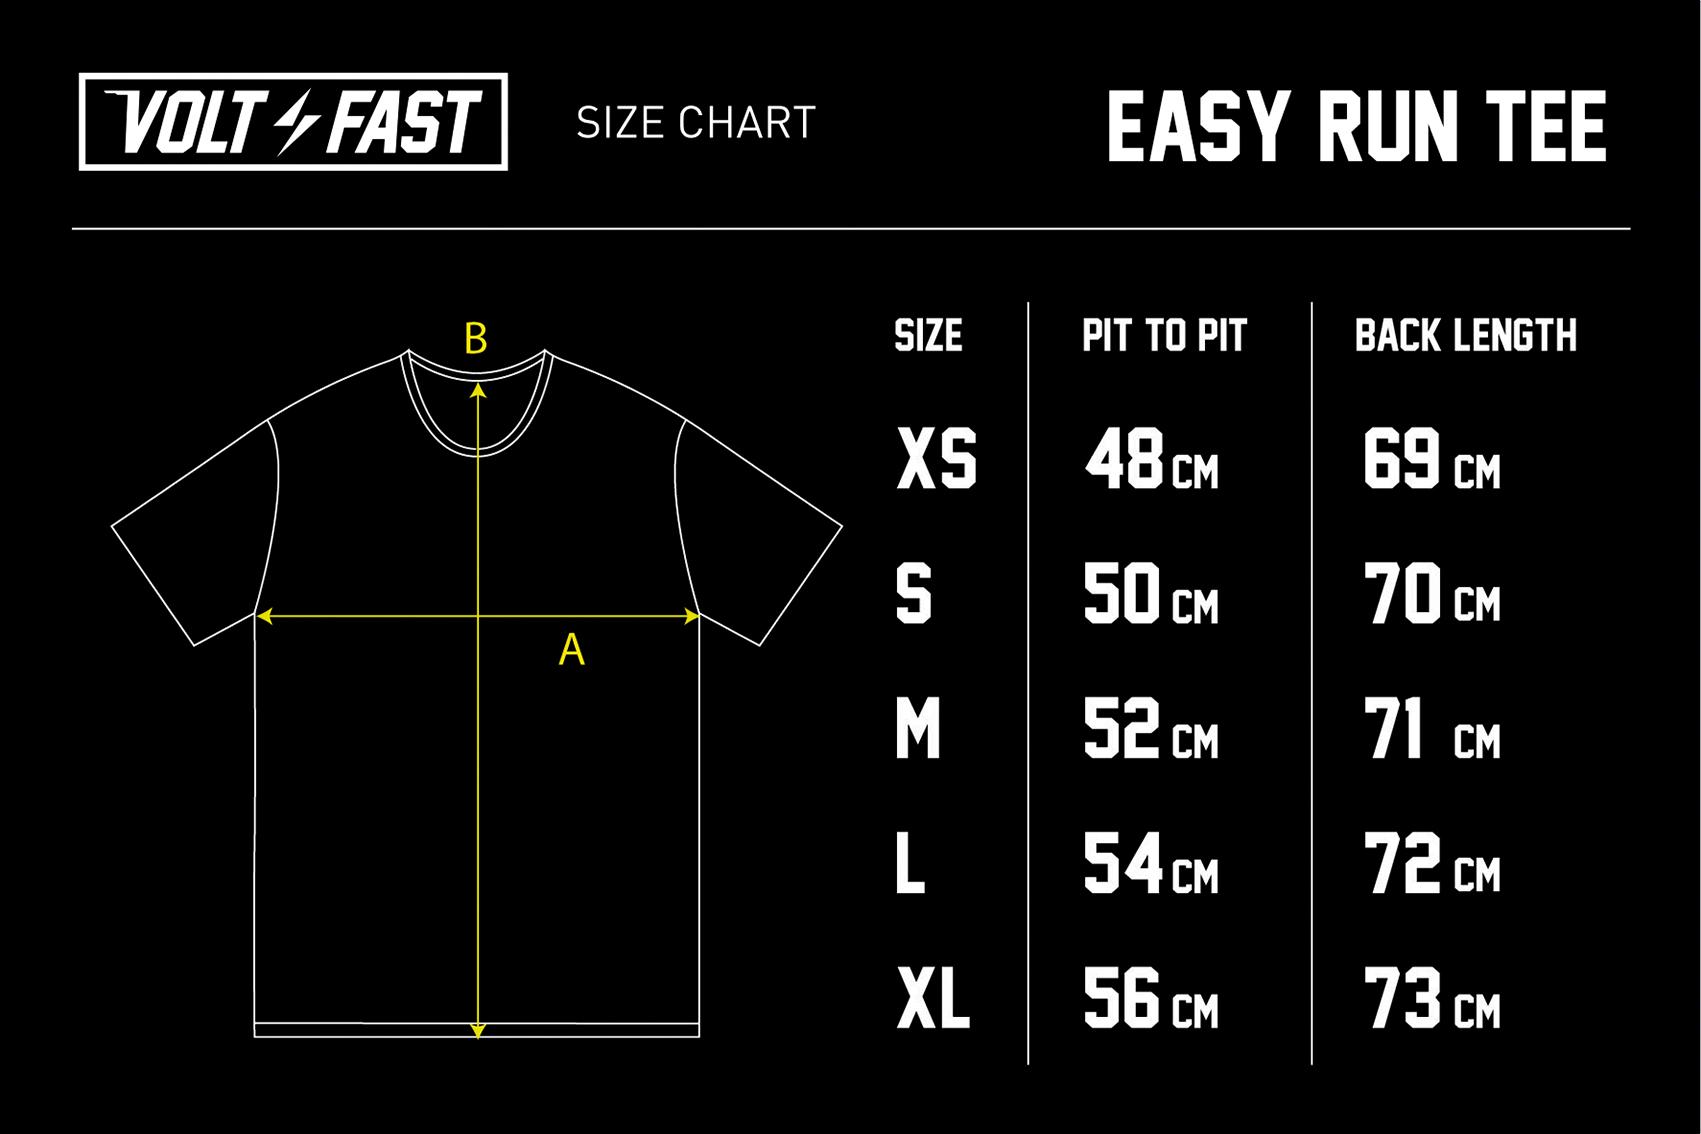 Easy Run Tee.jpg